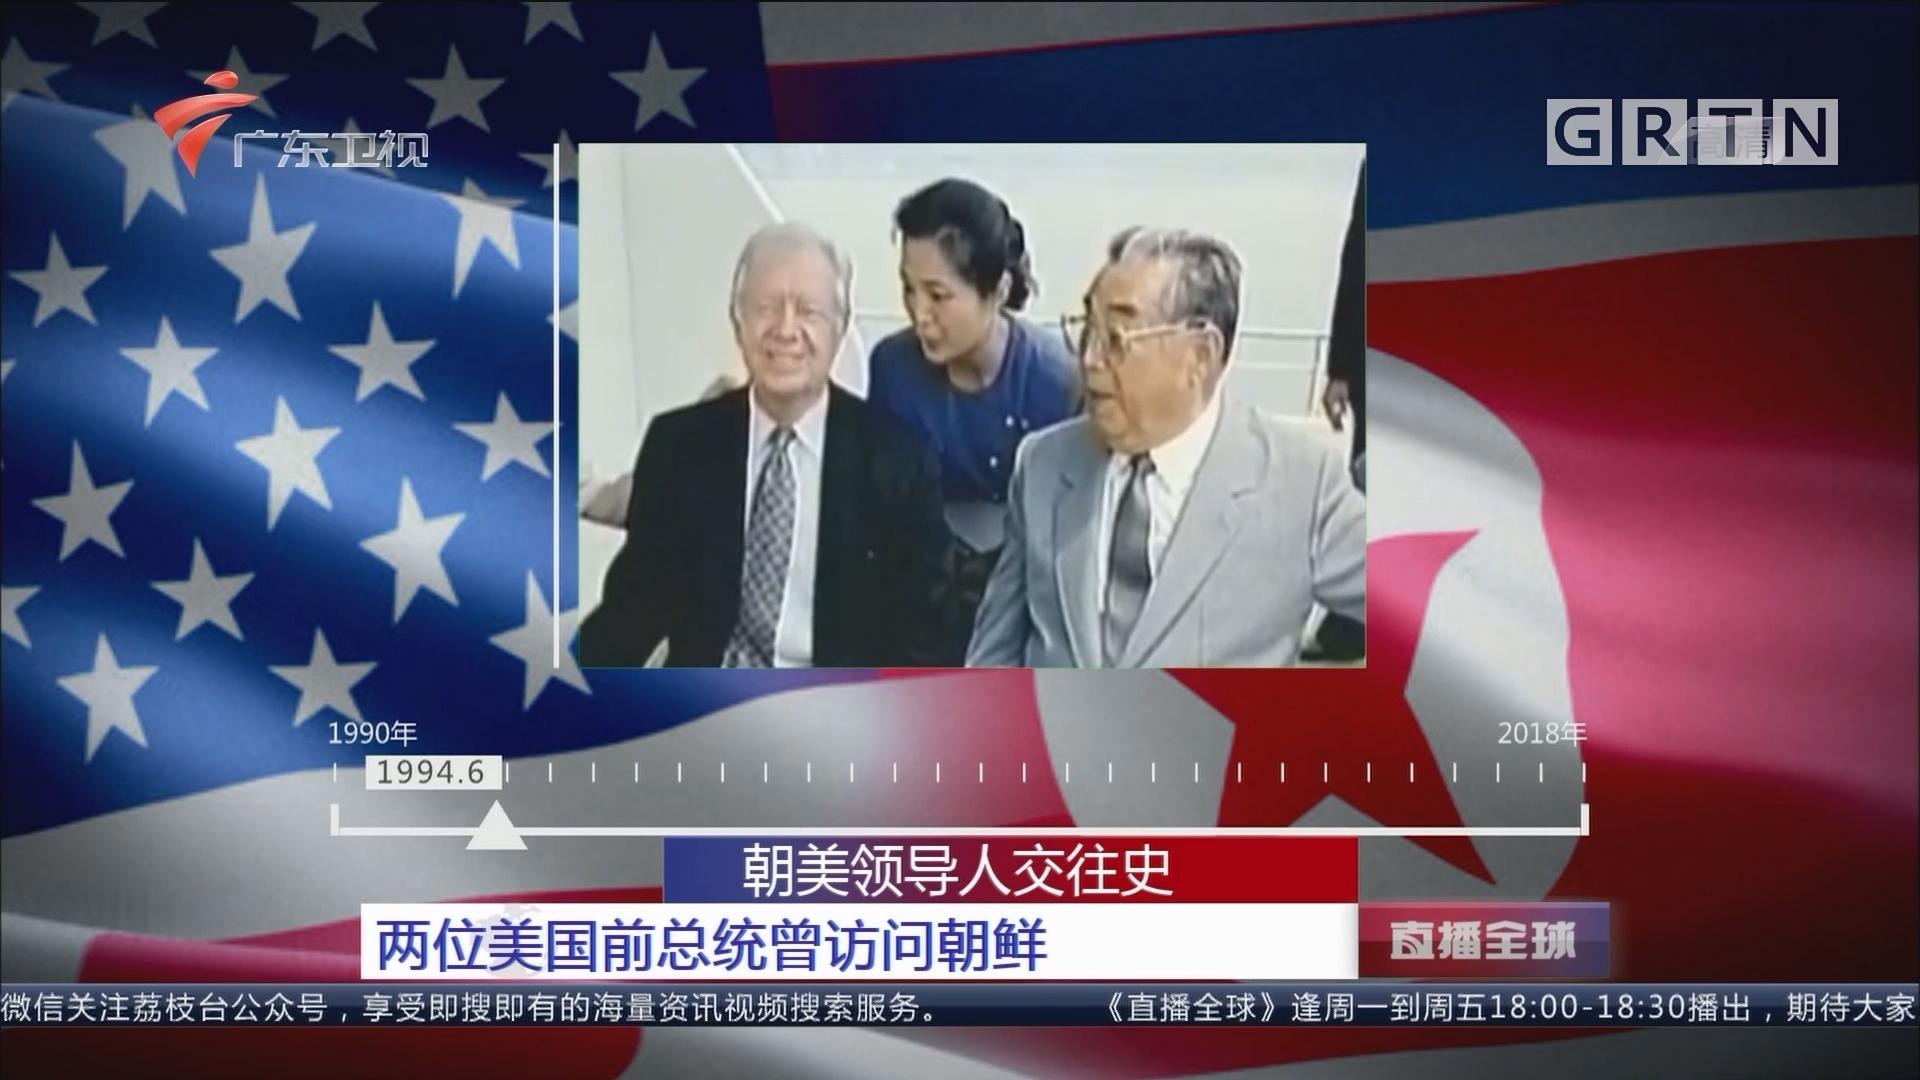 朝美领导人交往史 两位美国前总统曾访问朝鲜